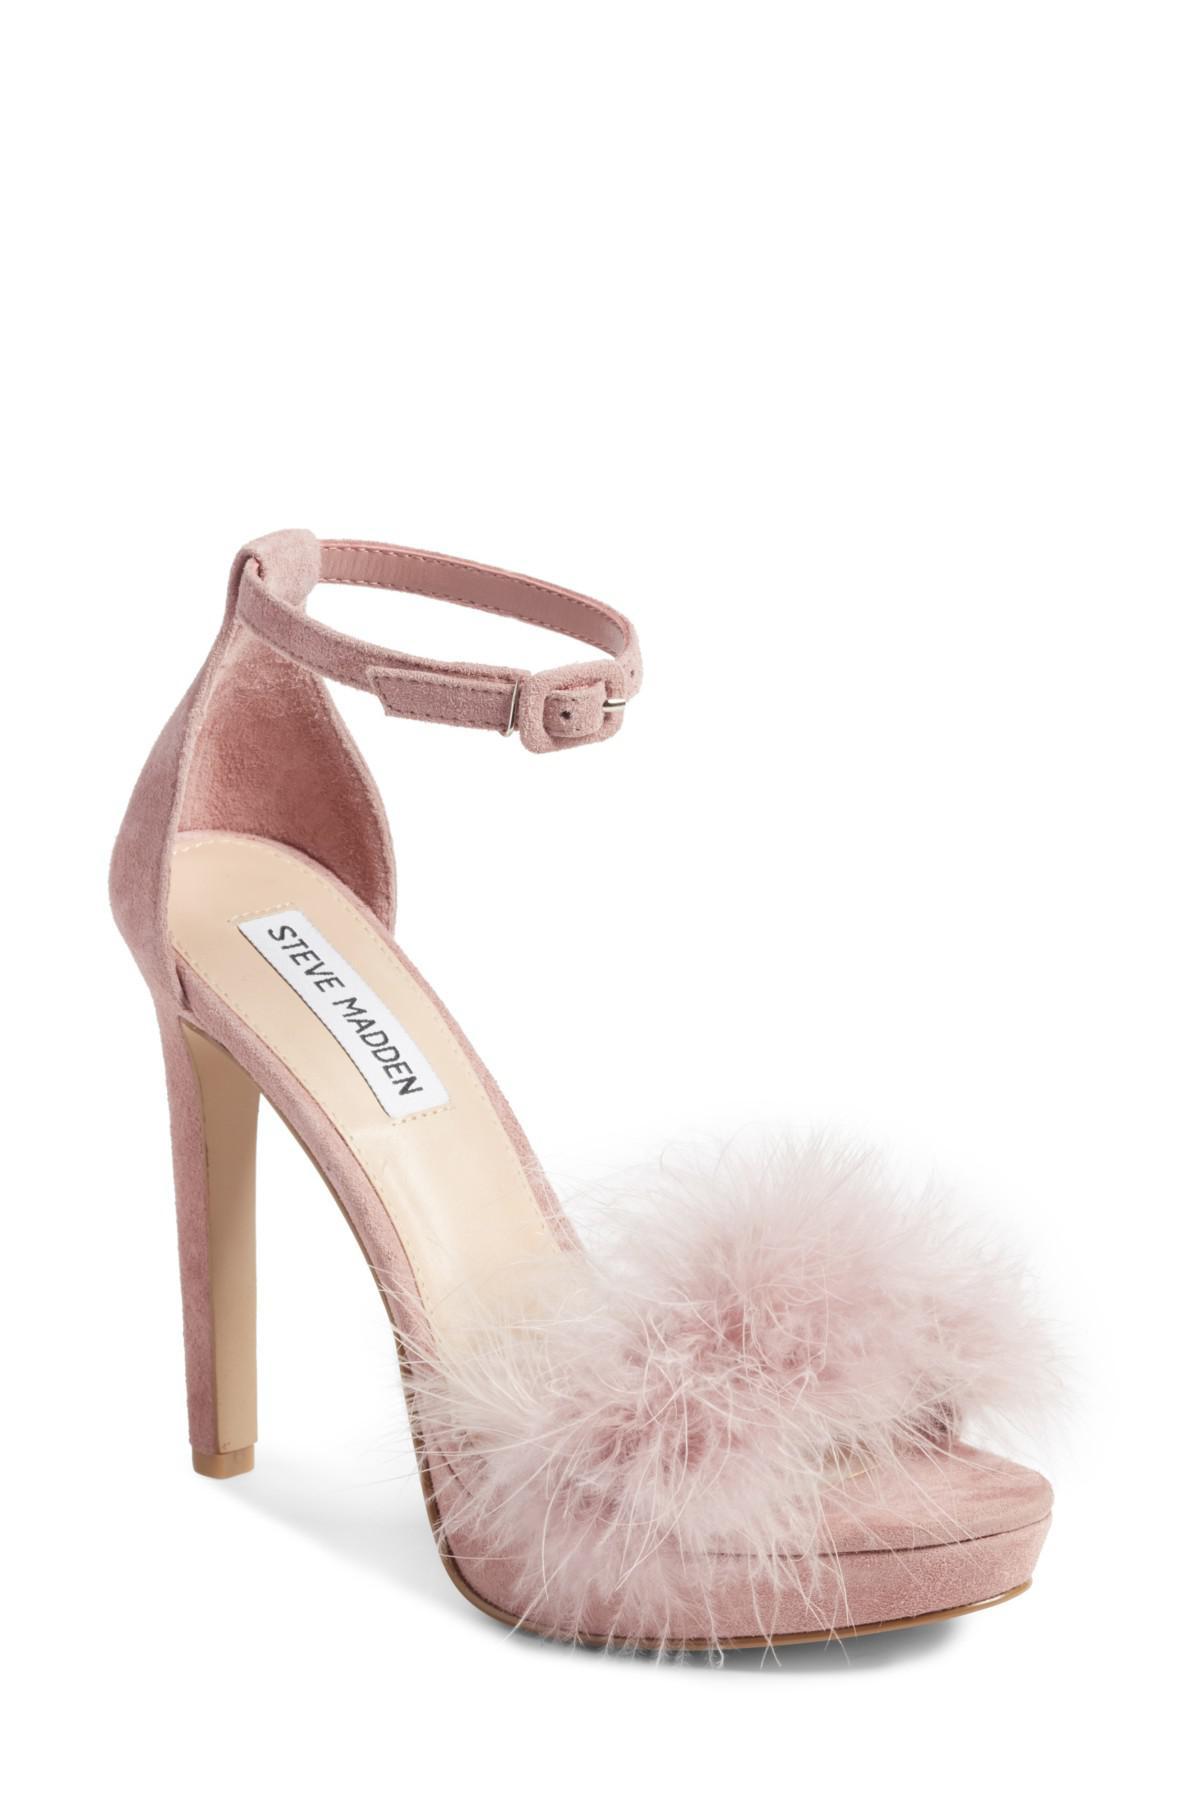 bacdb11948b3 Lyst - Steve Madden Clutch Ankle Strap Sandal (women) in Pink